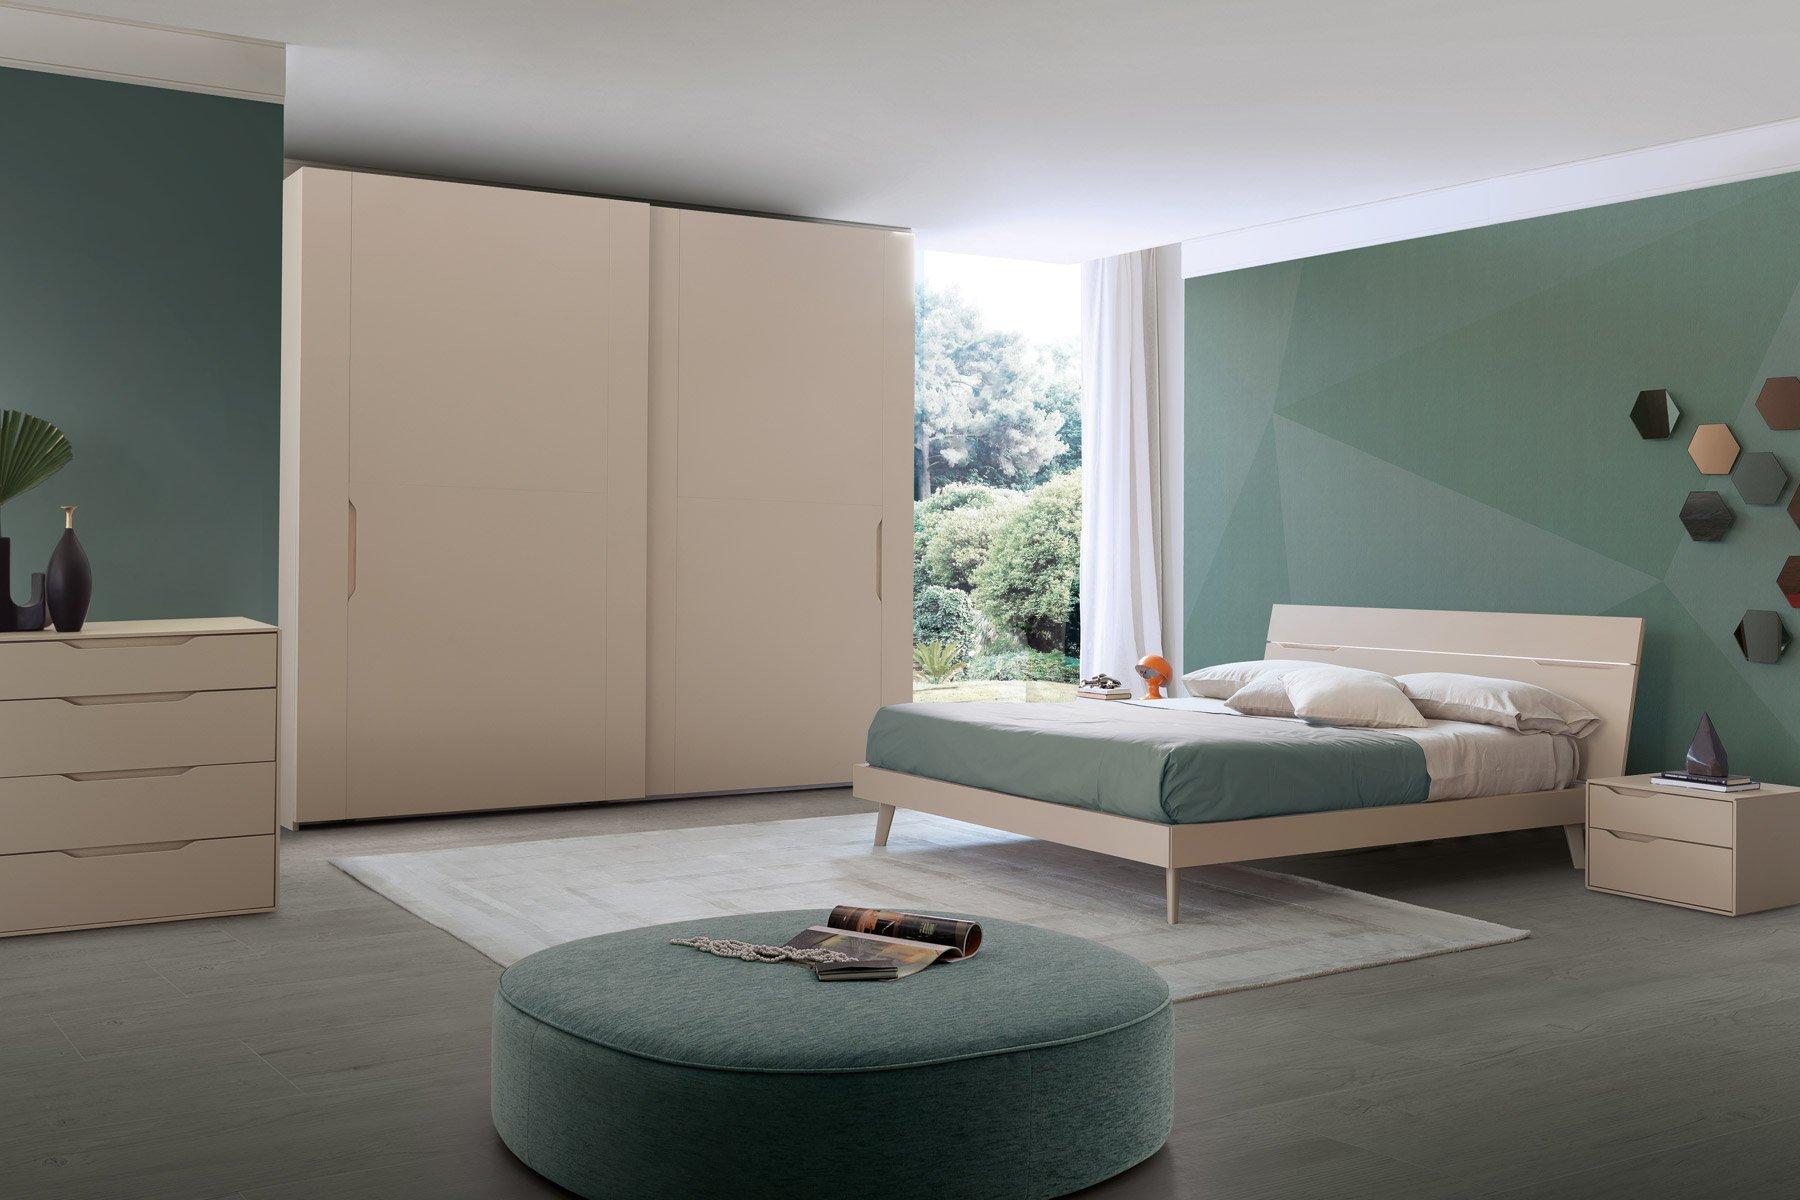 Camera da letto con armadio scorrevole Modello Aquileia ...